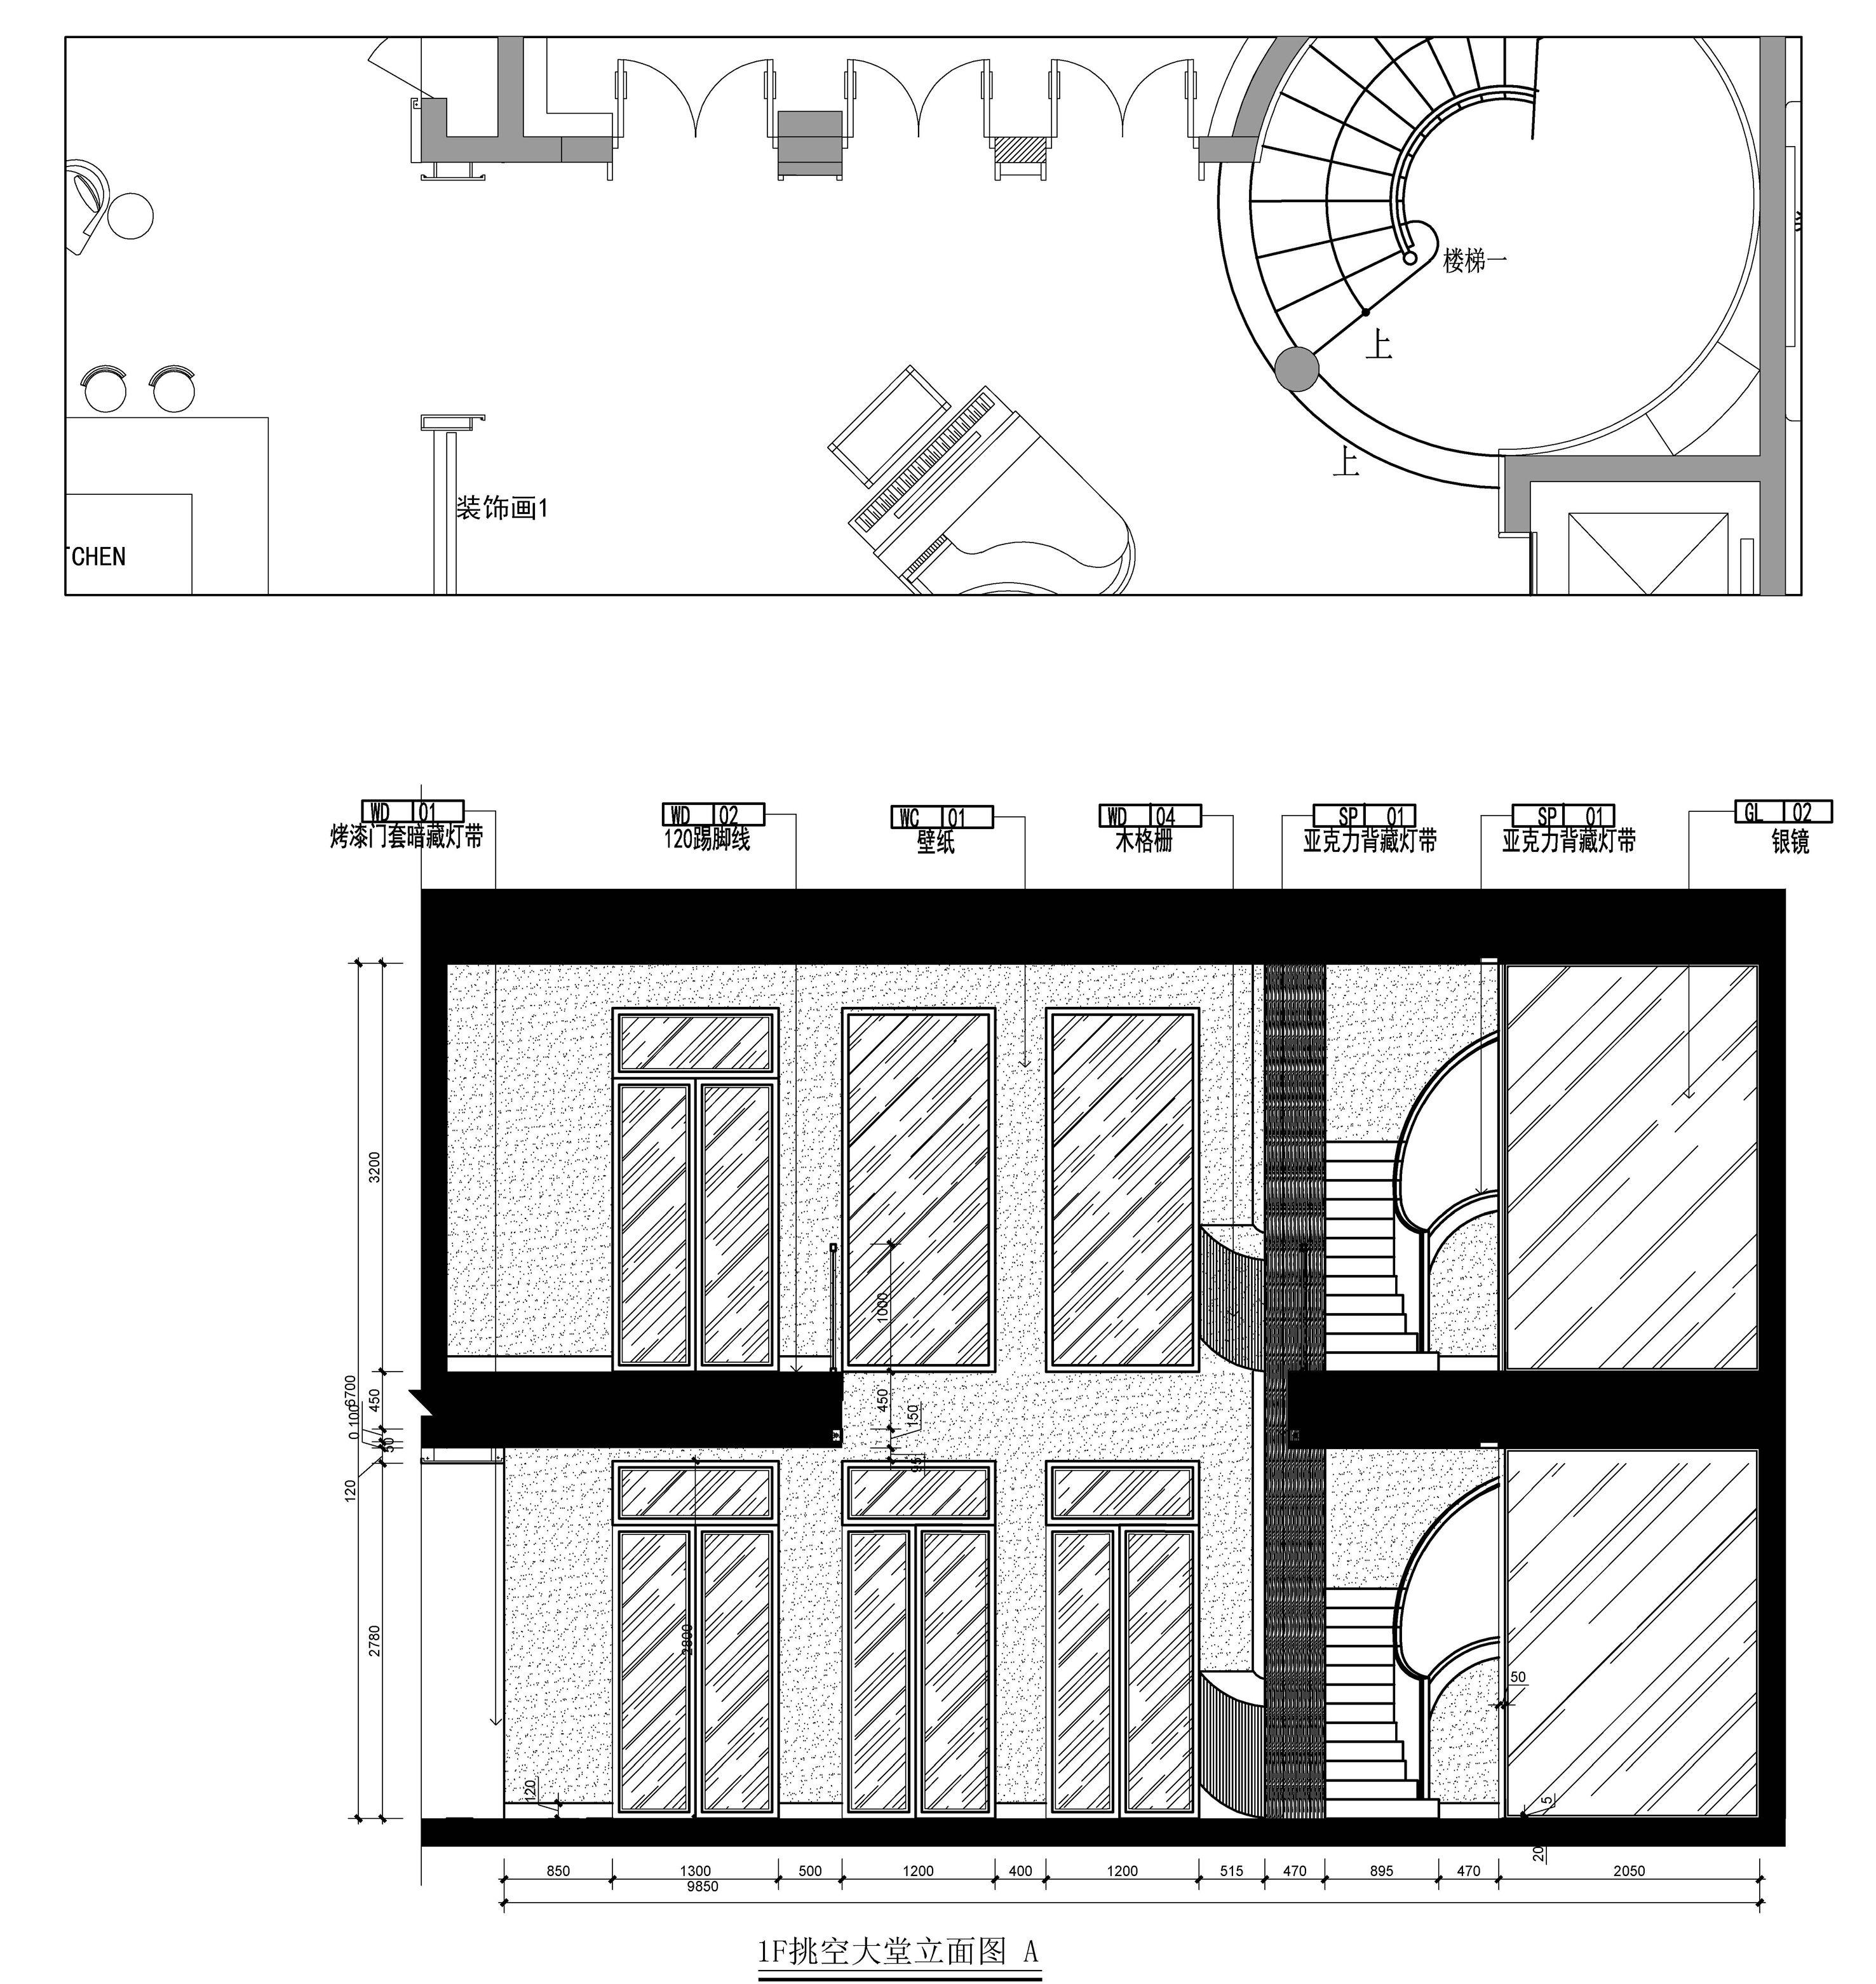 吊顶做法一反一般的欧式吊顶做法,以悬挂的反光灯槽来增加吊顶的